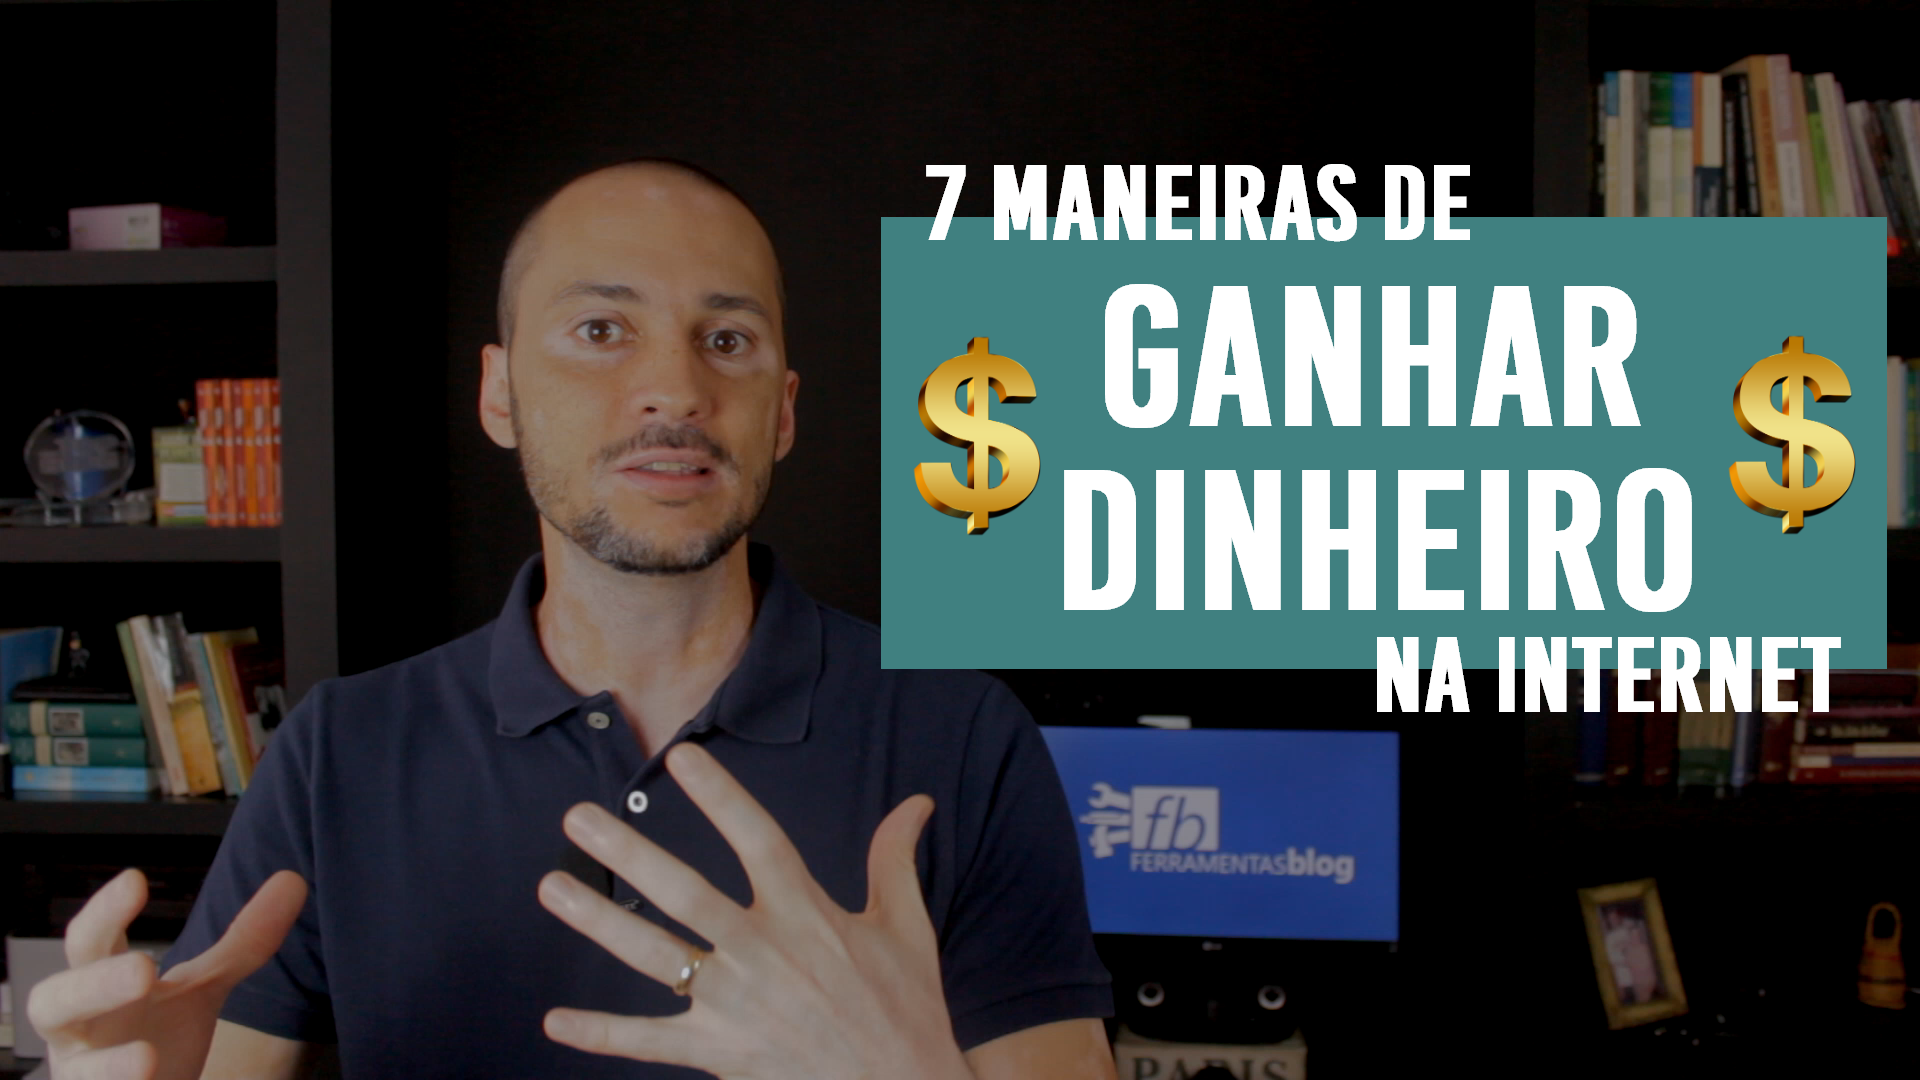 7 maneiras de ganhar dinheiro (extra) na internet e